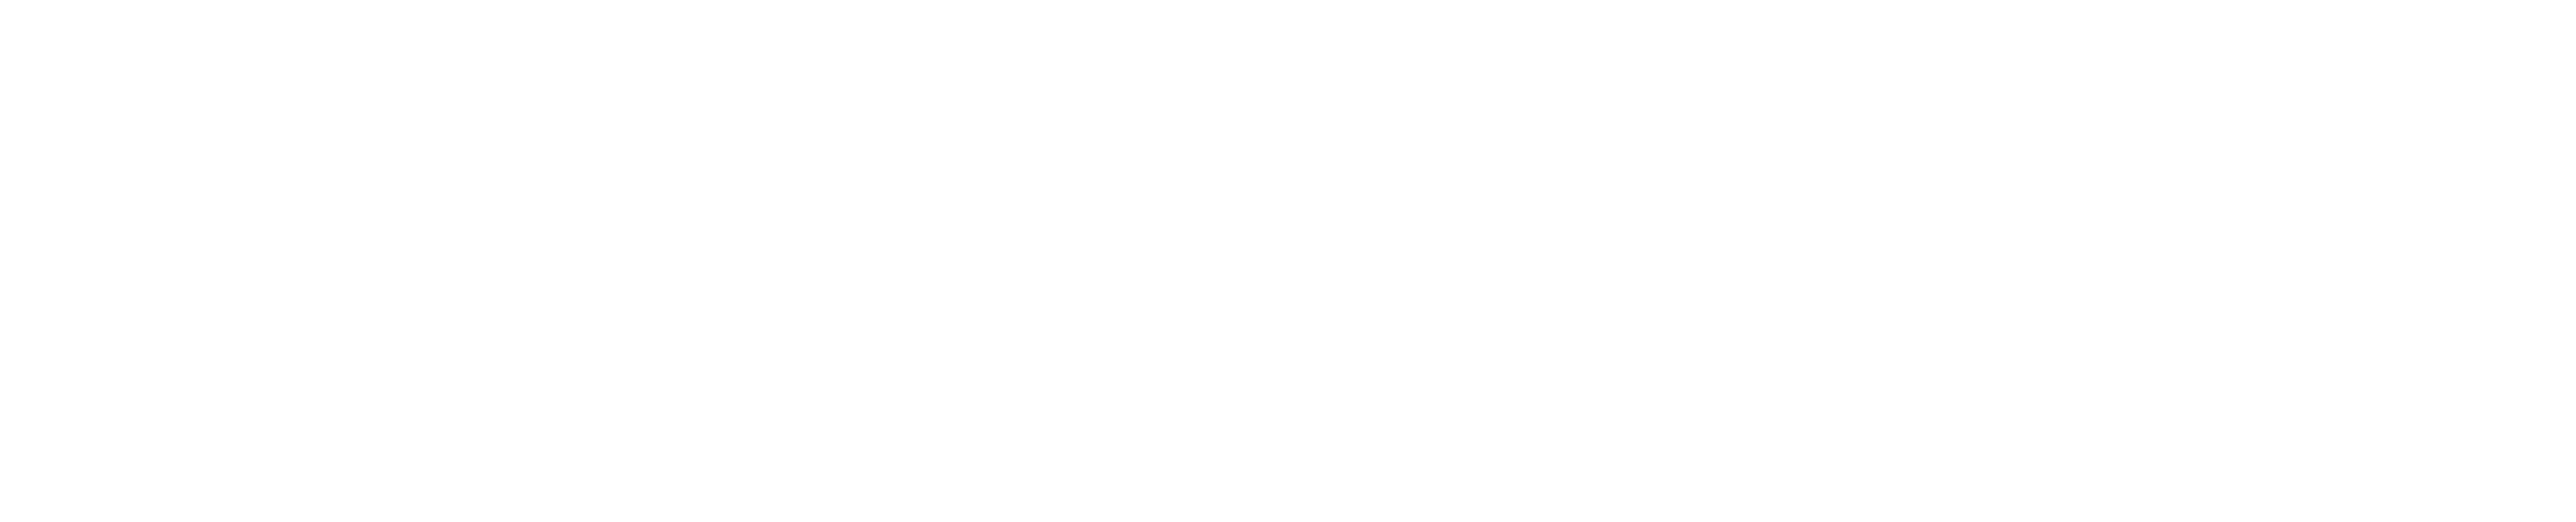 Cathrine Ilsøe